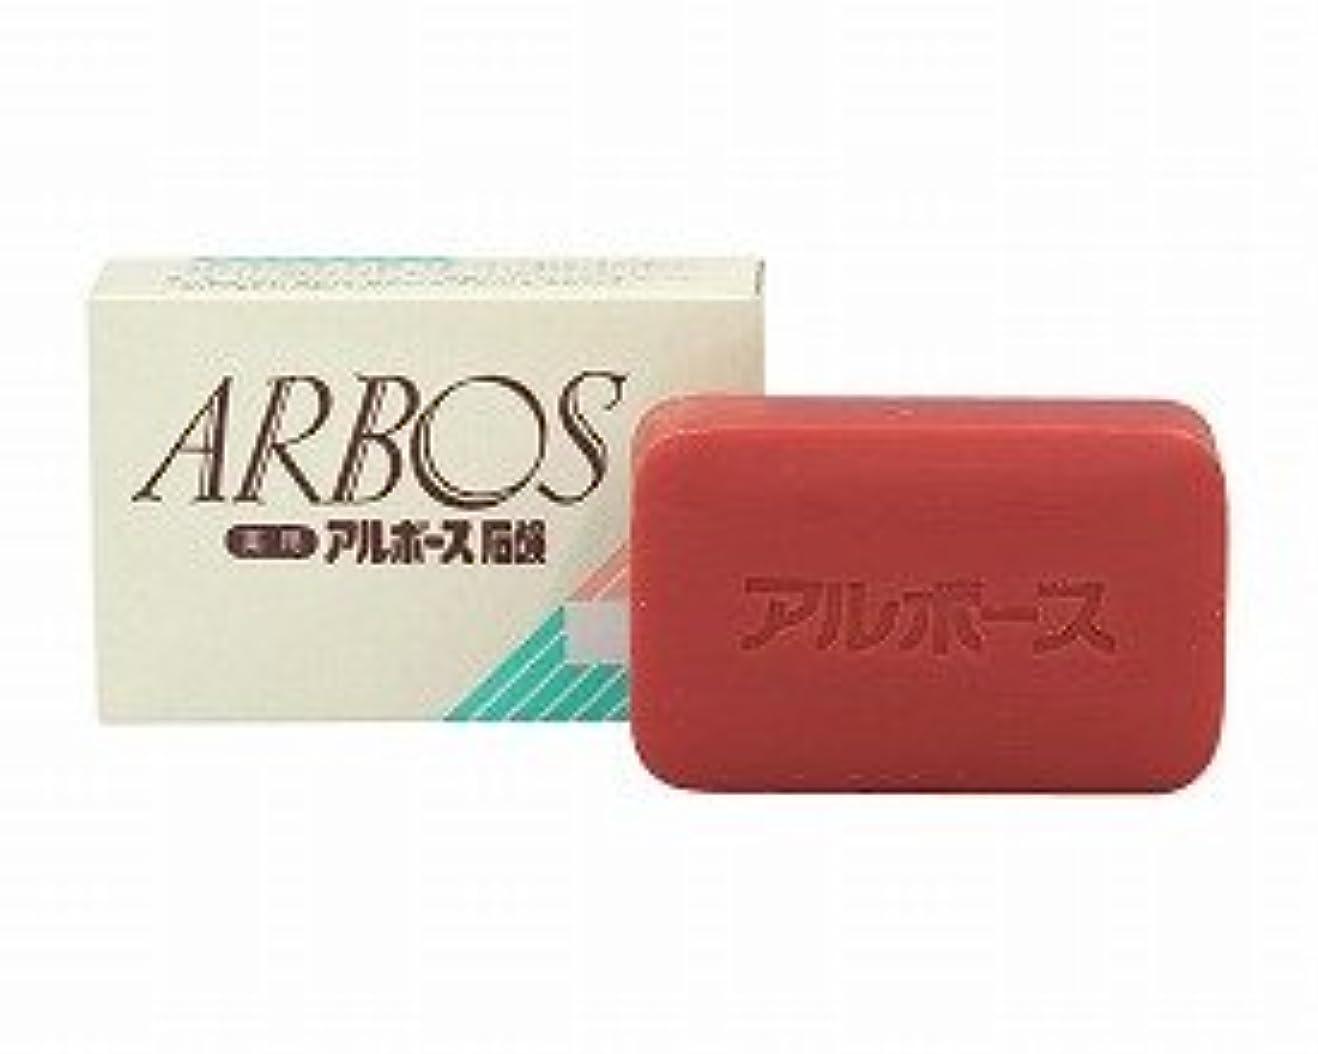 周波数必要条件無限薬用アルボース石鹸 85g 1ケース(240個入) (アルボース) (清拭小物)